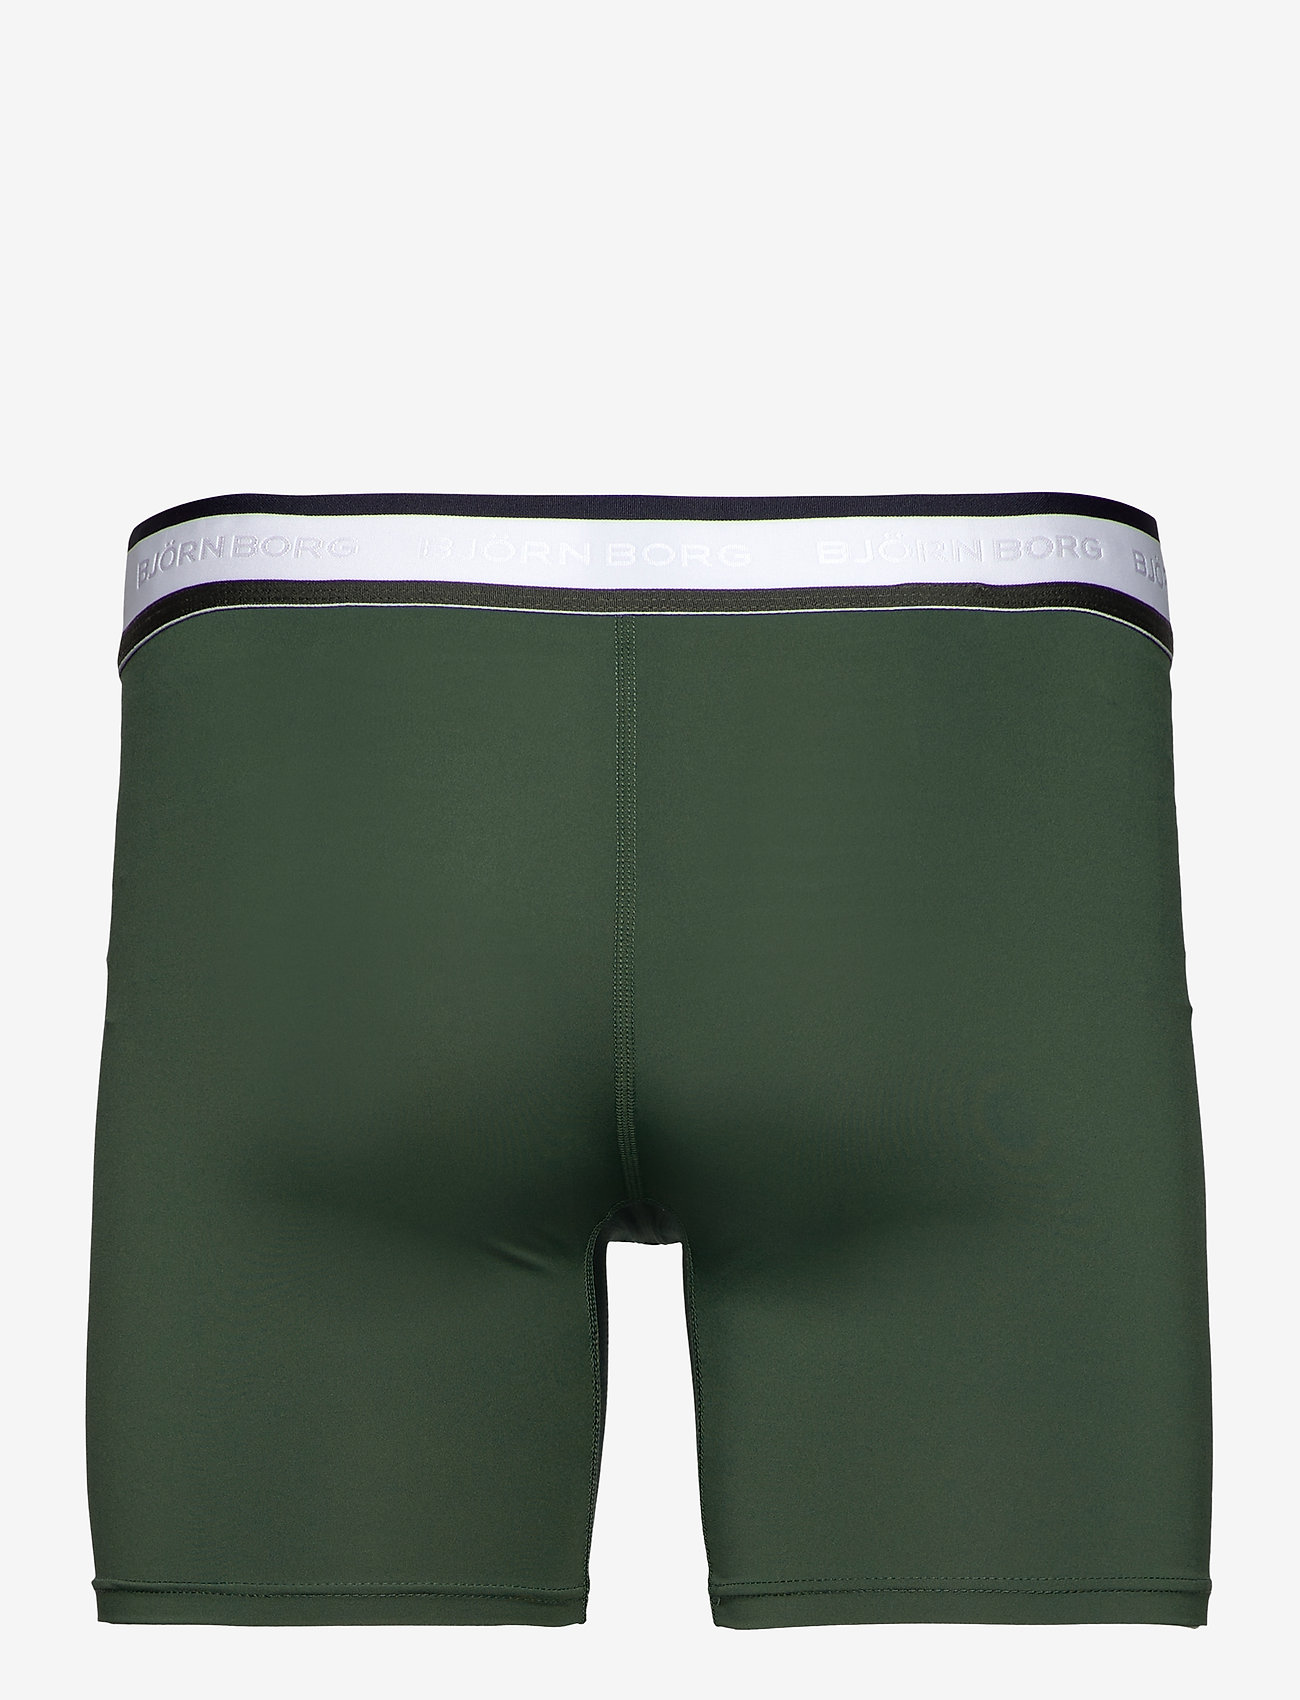 Björn Borg - SHORTS PHILIP BB TENNIS SOLIDS - underwear - sycamore - 1